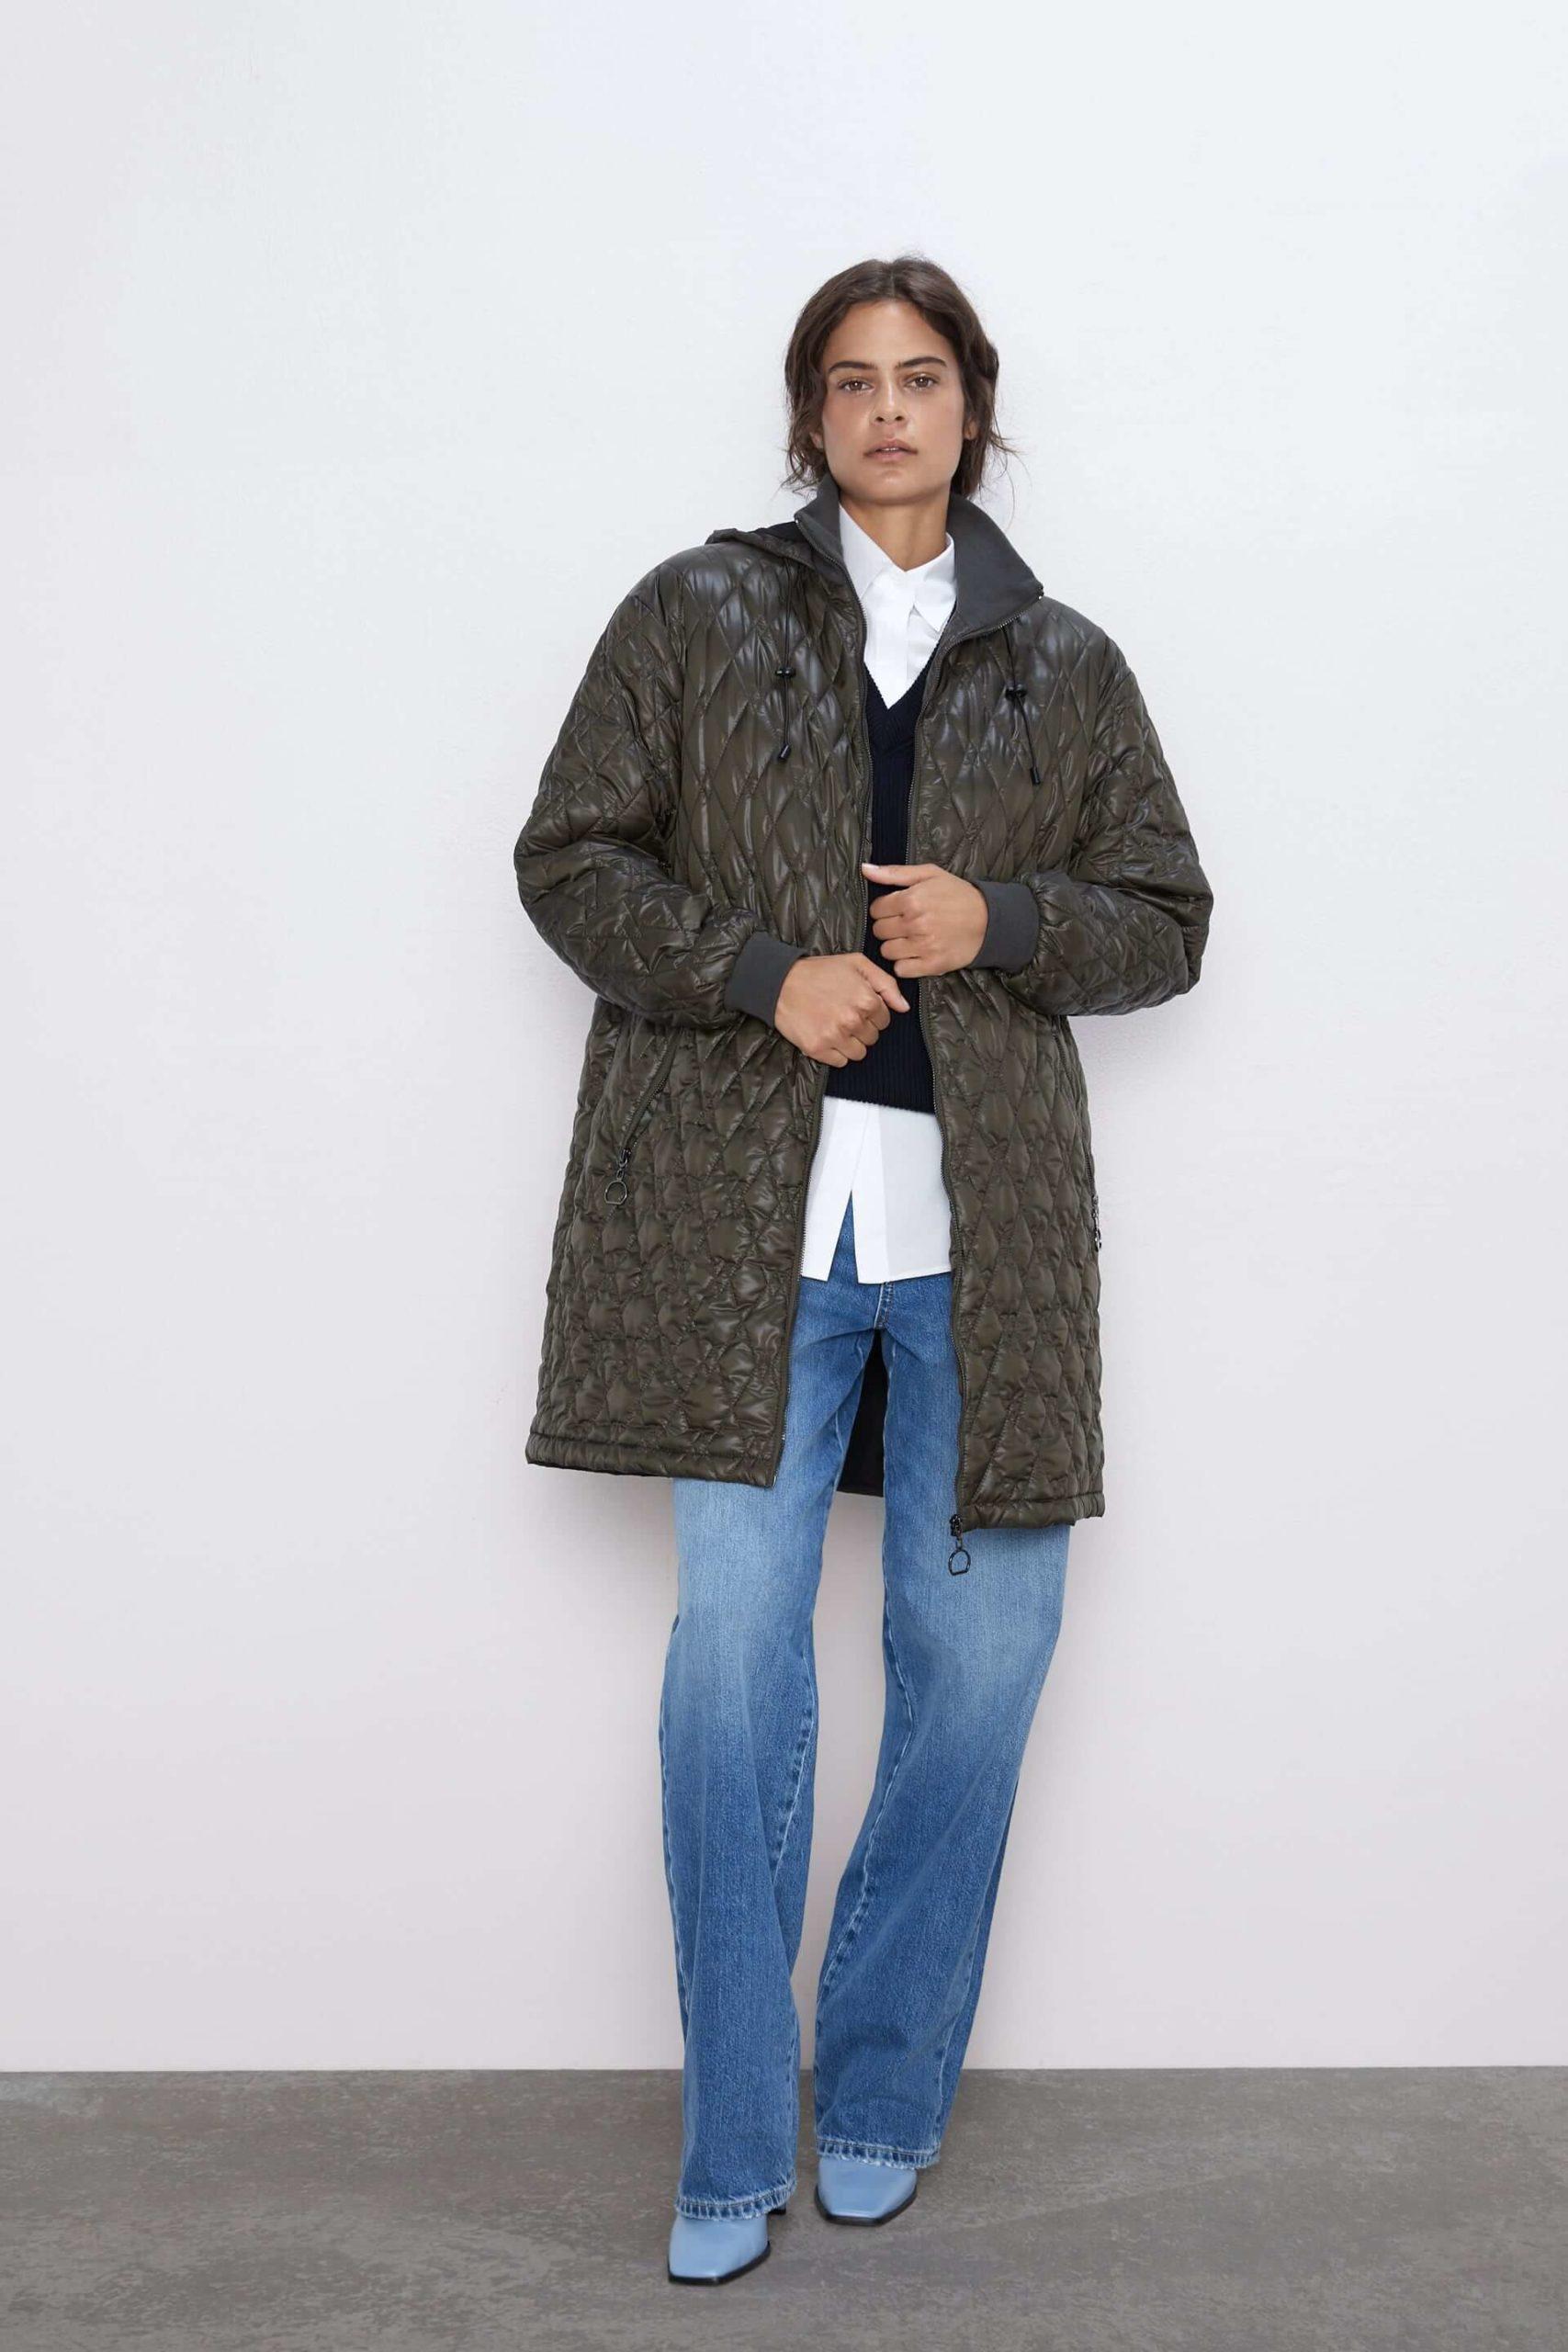 Zara Şişme Mont Modelleri